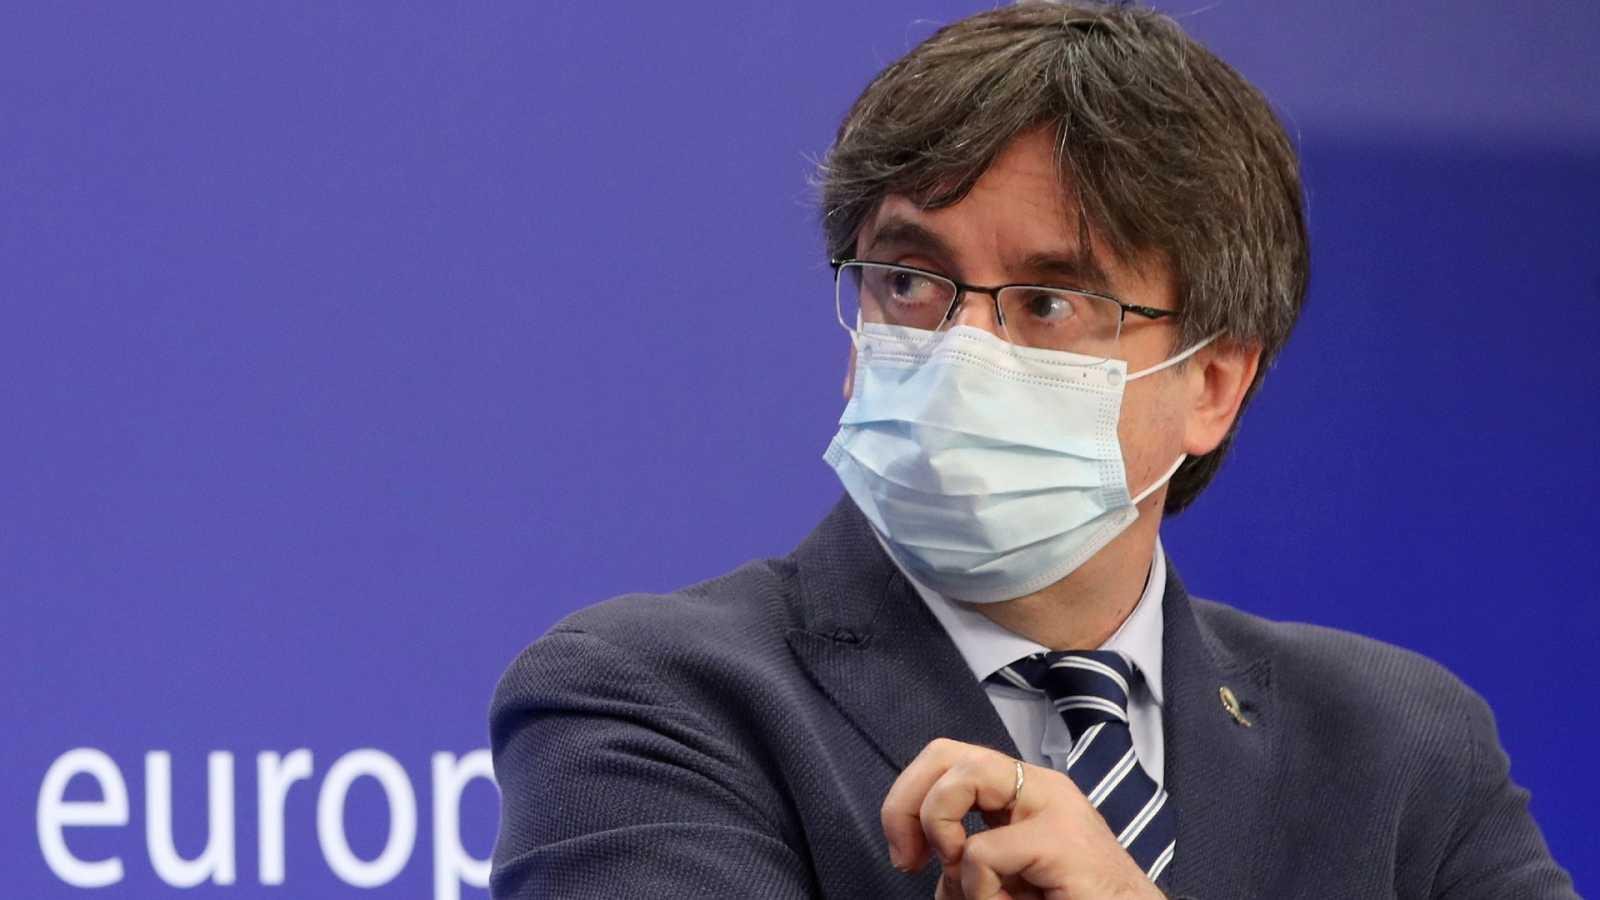 Carles Puigdemont, detenido en Cerdeña por la orden de busca y captura del Supremo